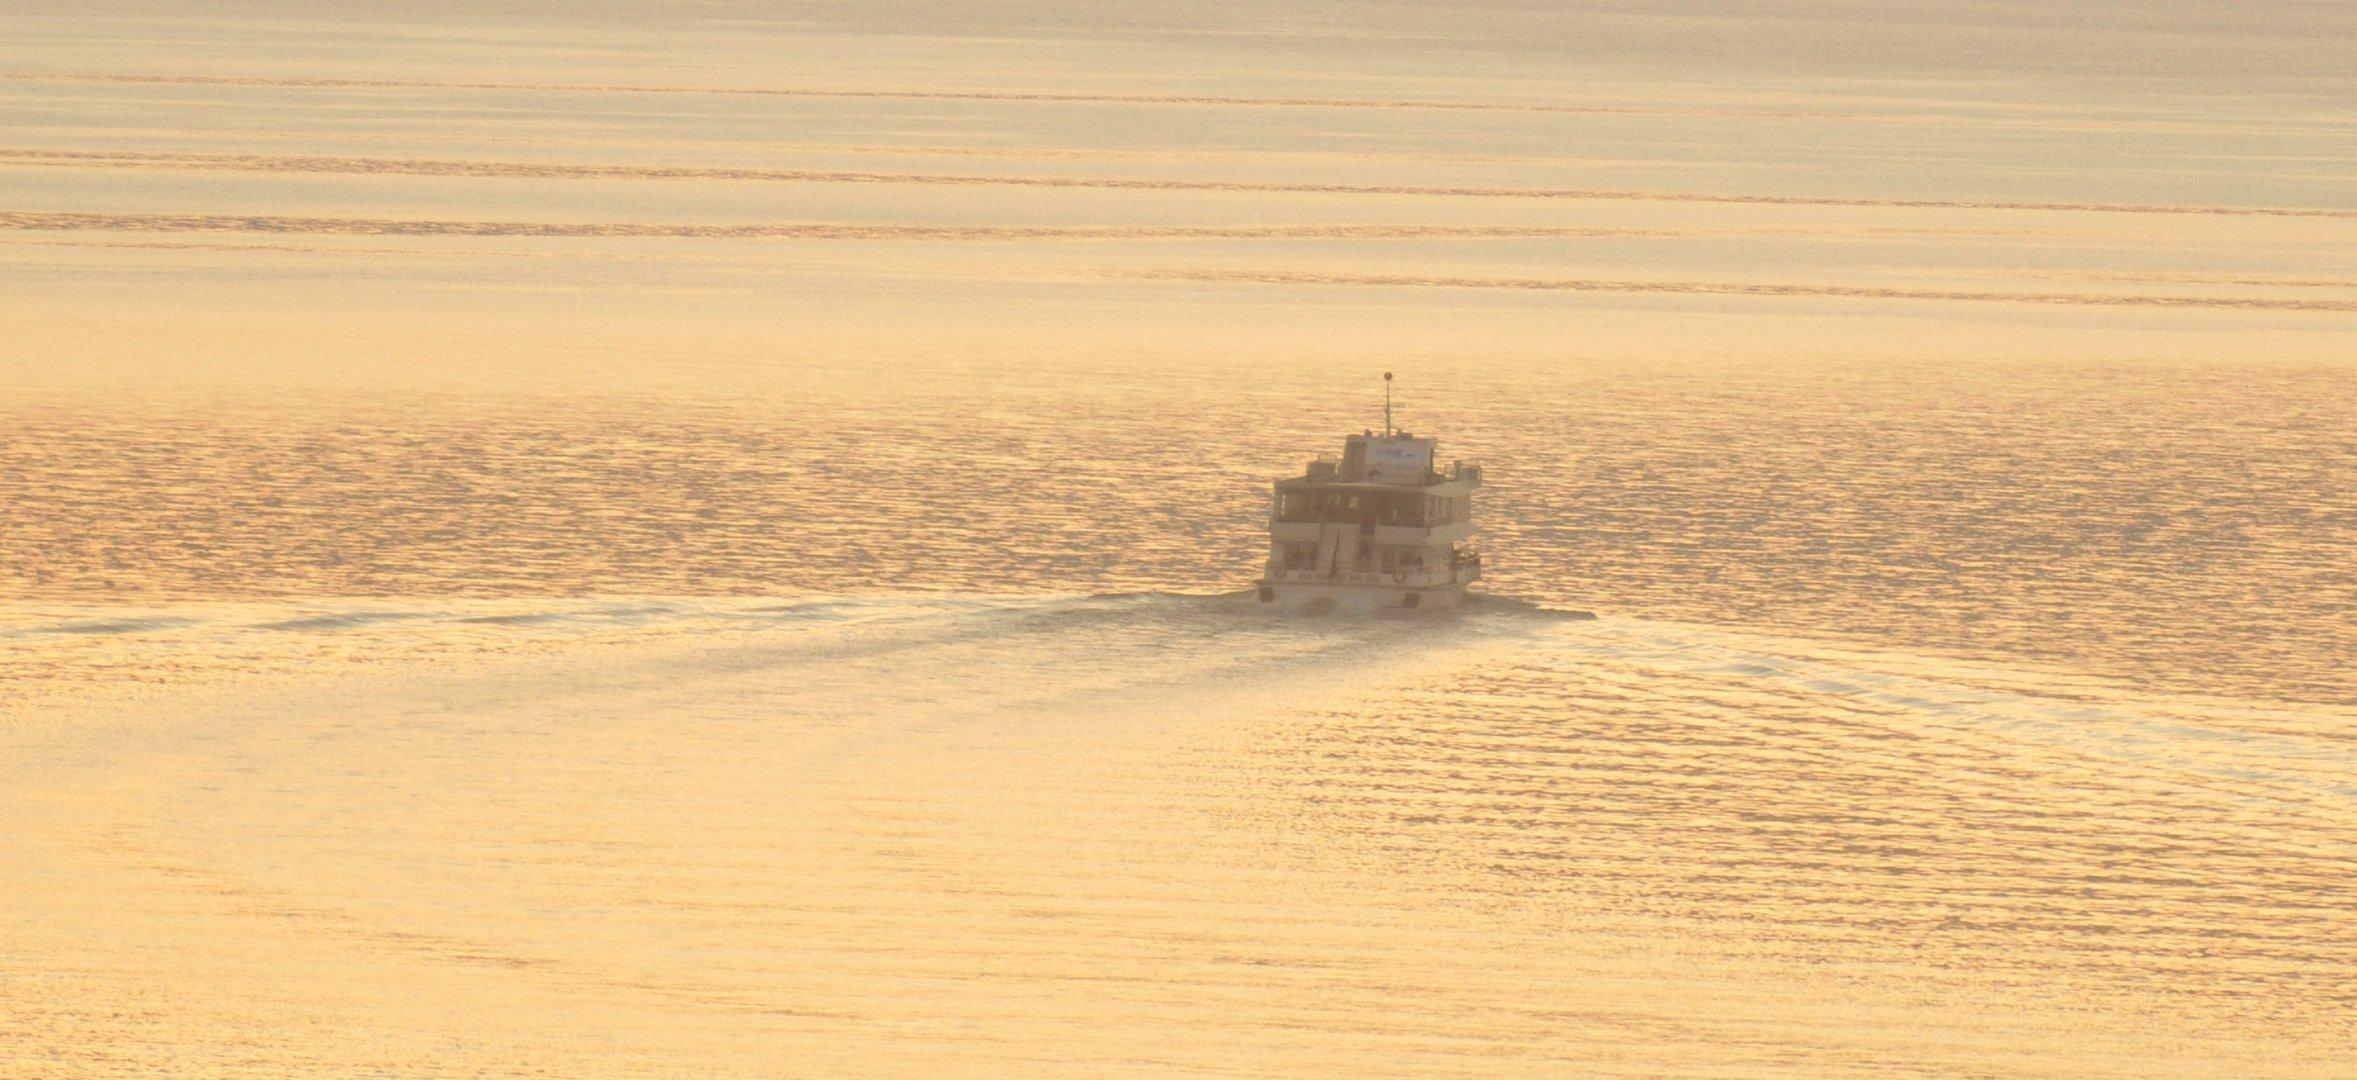 das Schiff auf dem See von der untergehenden Sonne durchflutet